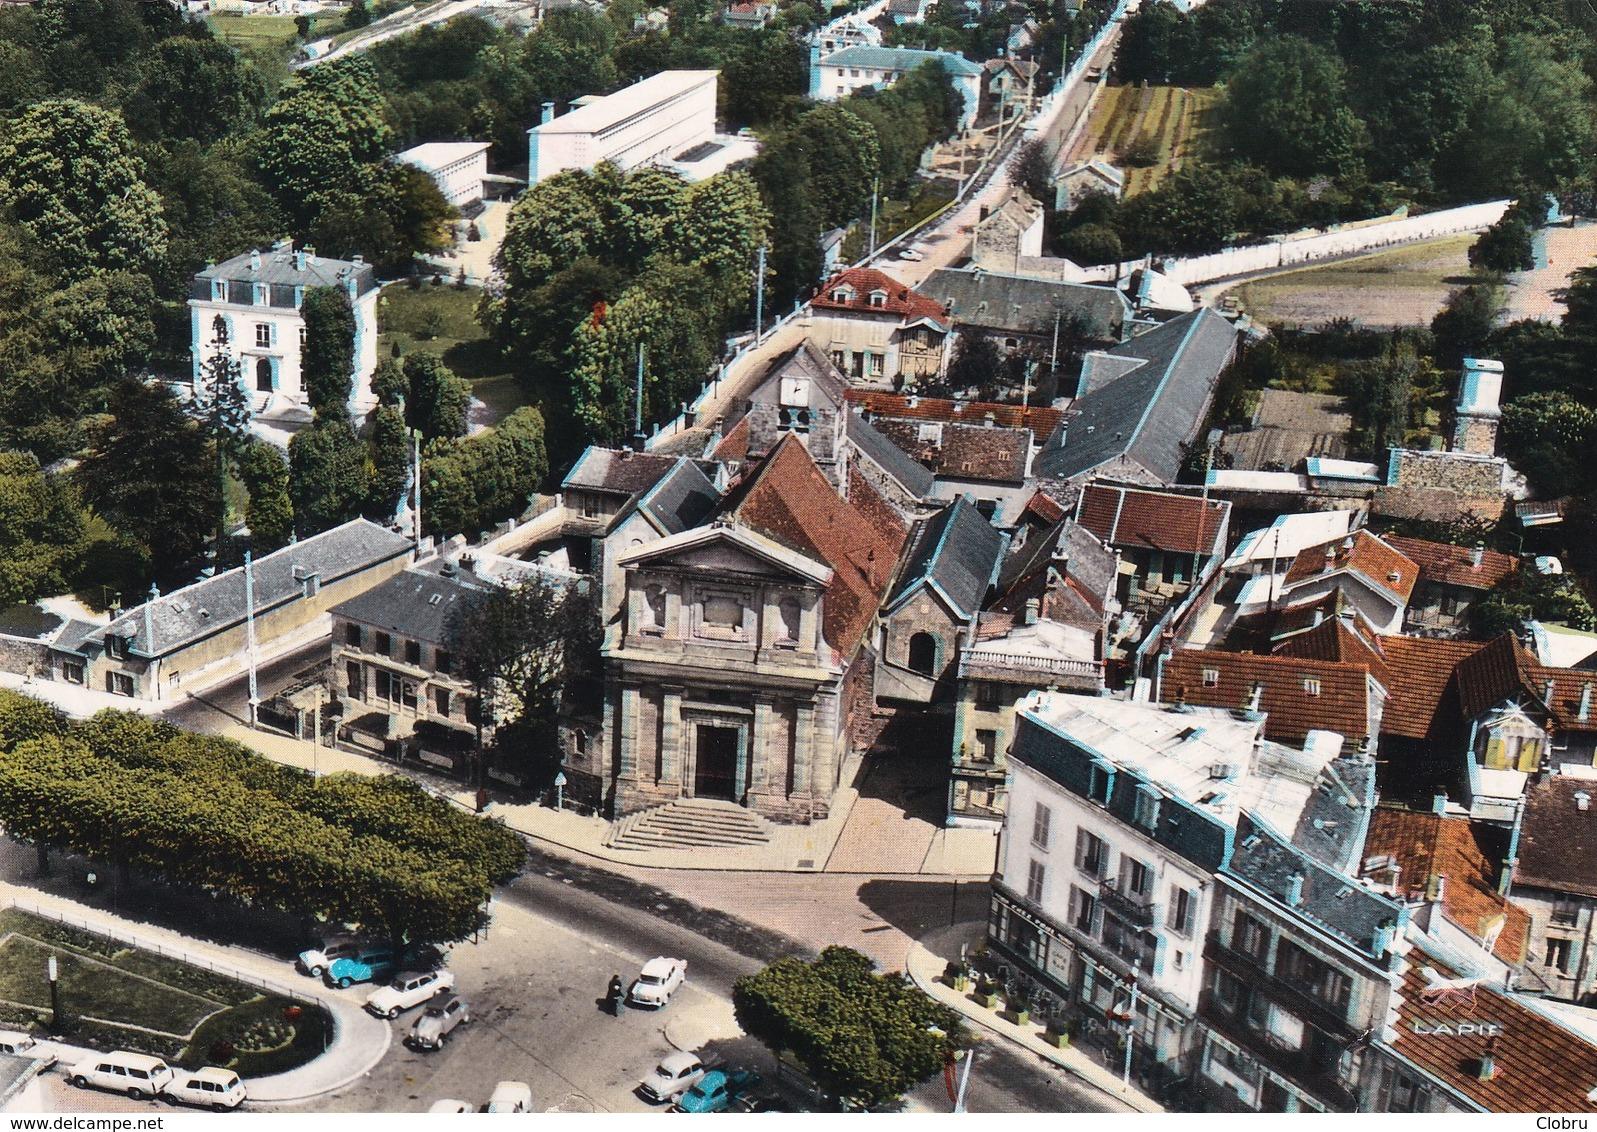 91 Orsay, Le Centre, L'Eglise - Orsay